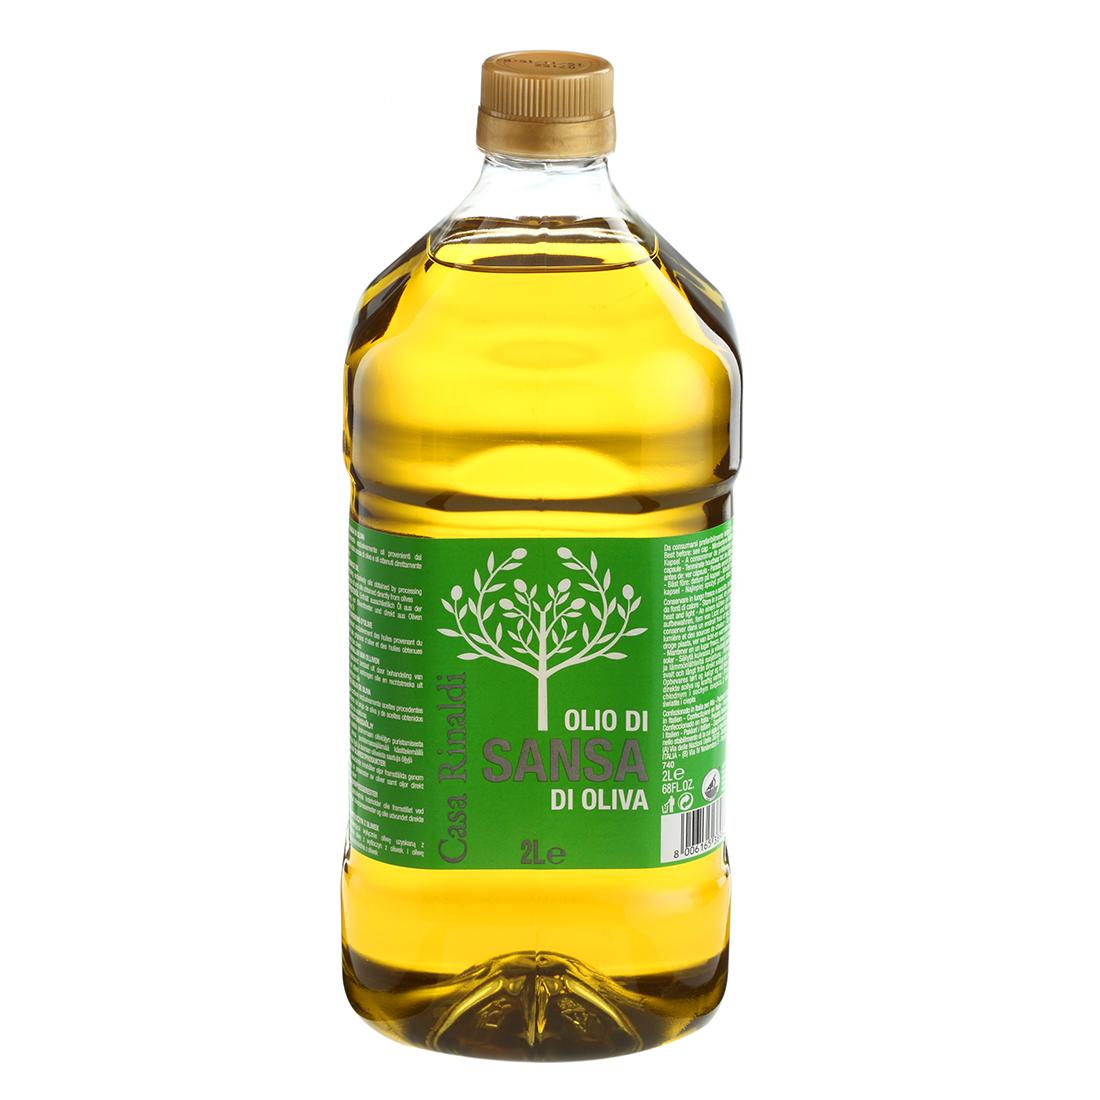 Dầu Ô Liu Casa Rinaldi - Chai 2 Lít - Thực Phẩm Nhập Khẩu TPHCM